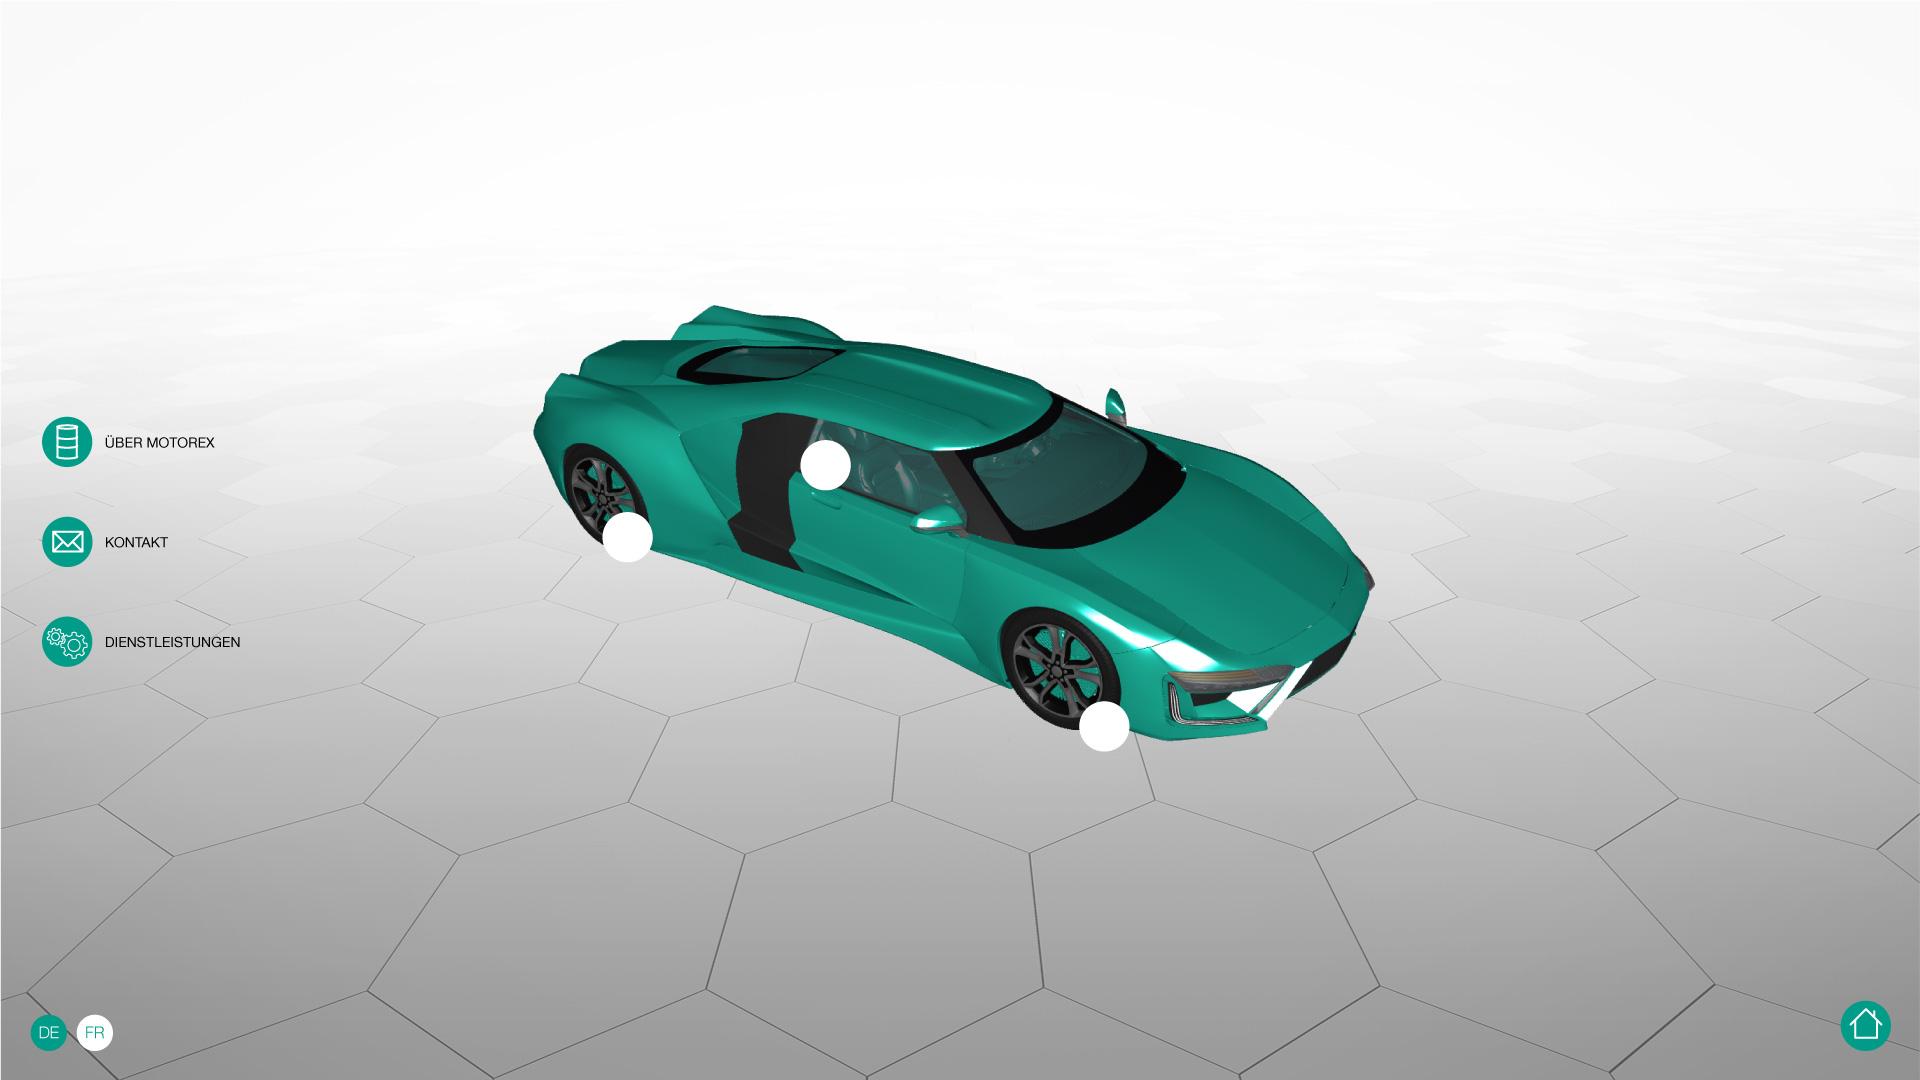 Bild 5 vom MOTOREX Infodesk